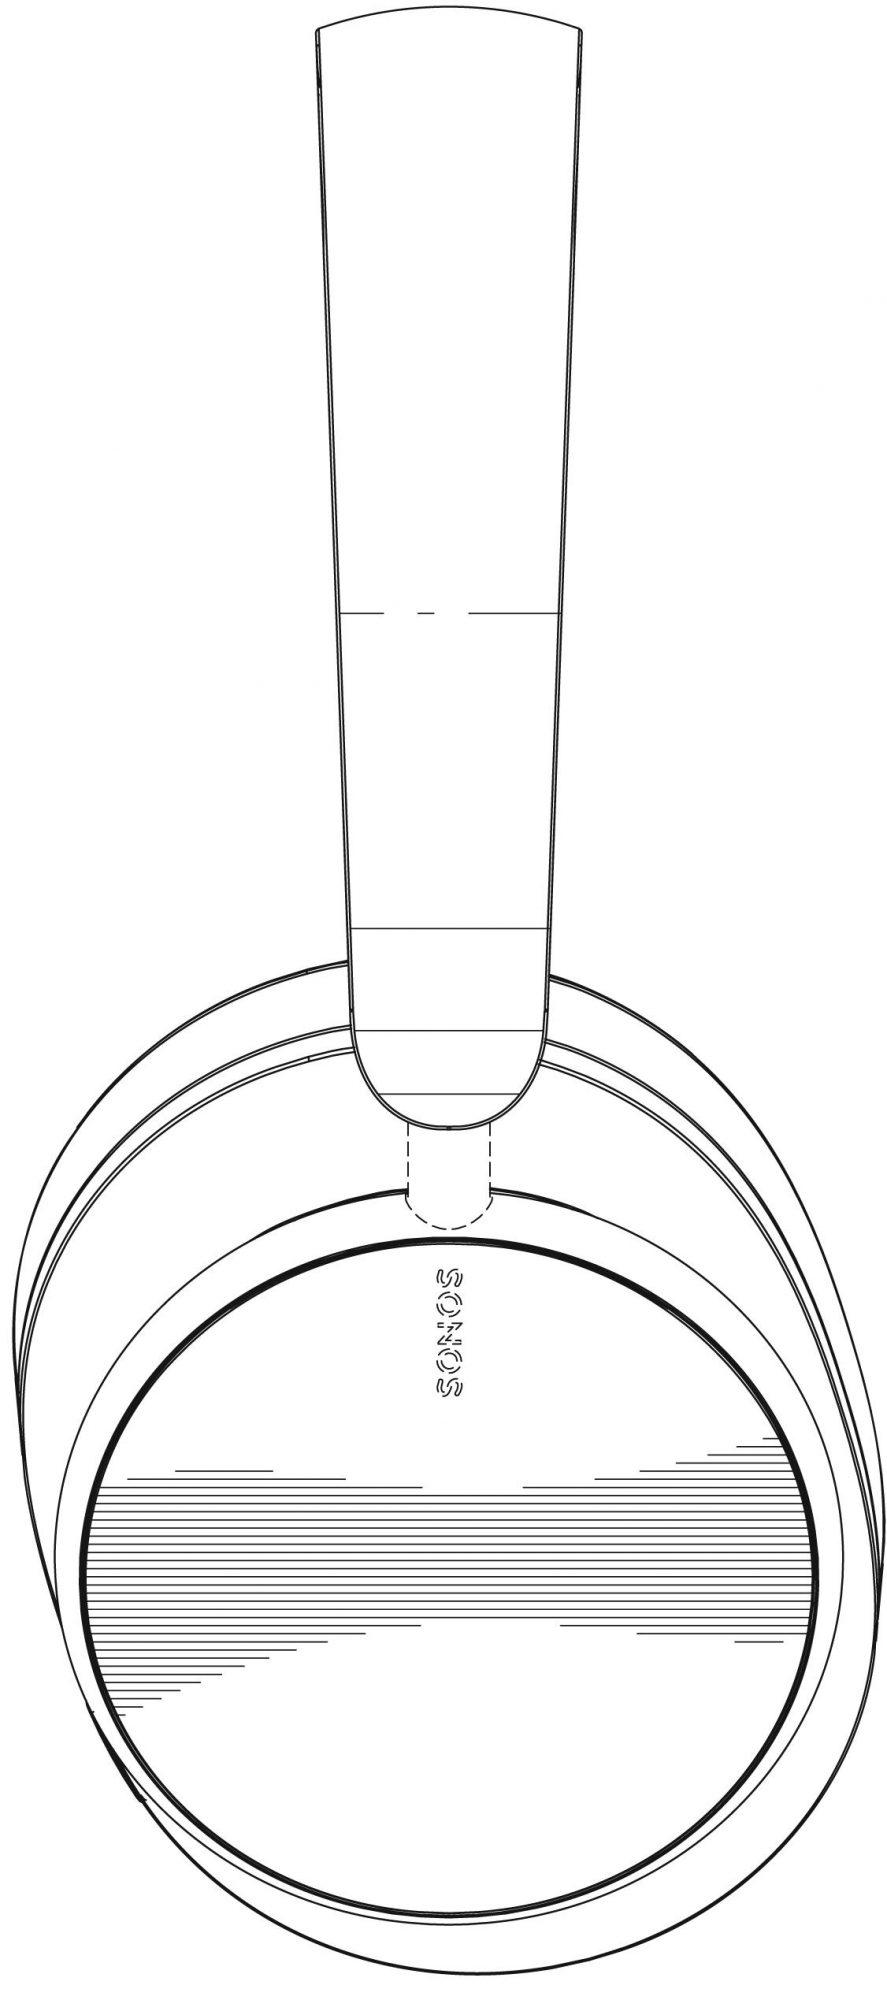 Sonos-headphones-5-887x2000_6